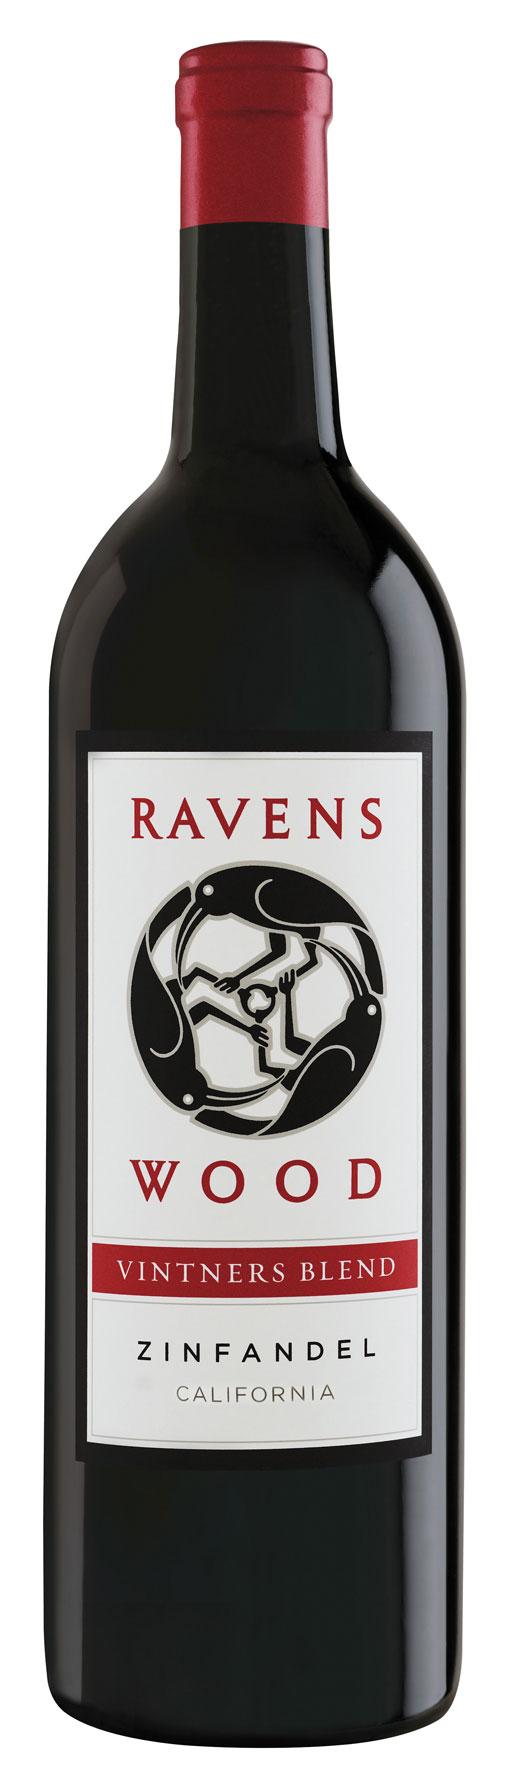 Ravenswood Vintners Blend Zinfandel (2017)